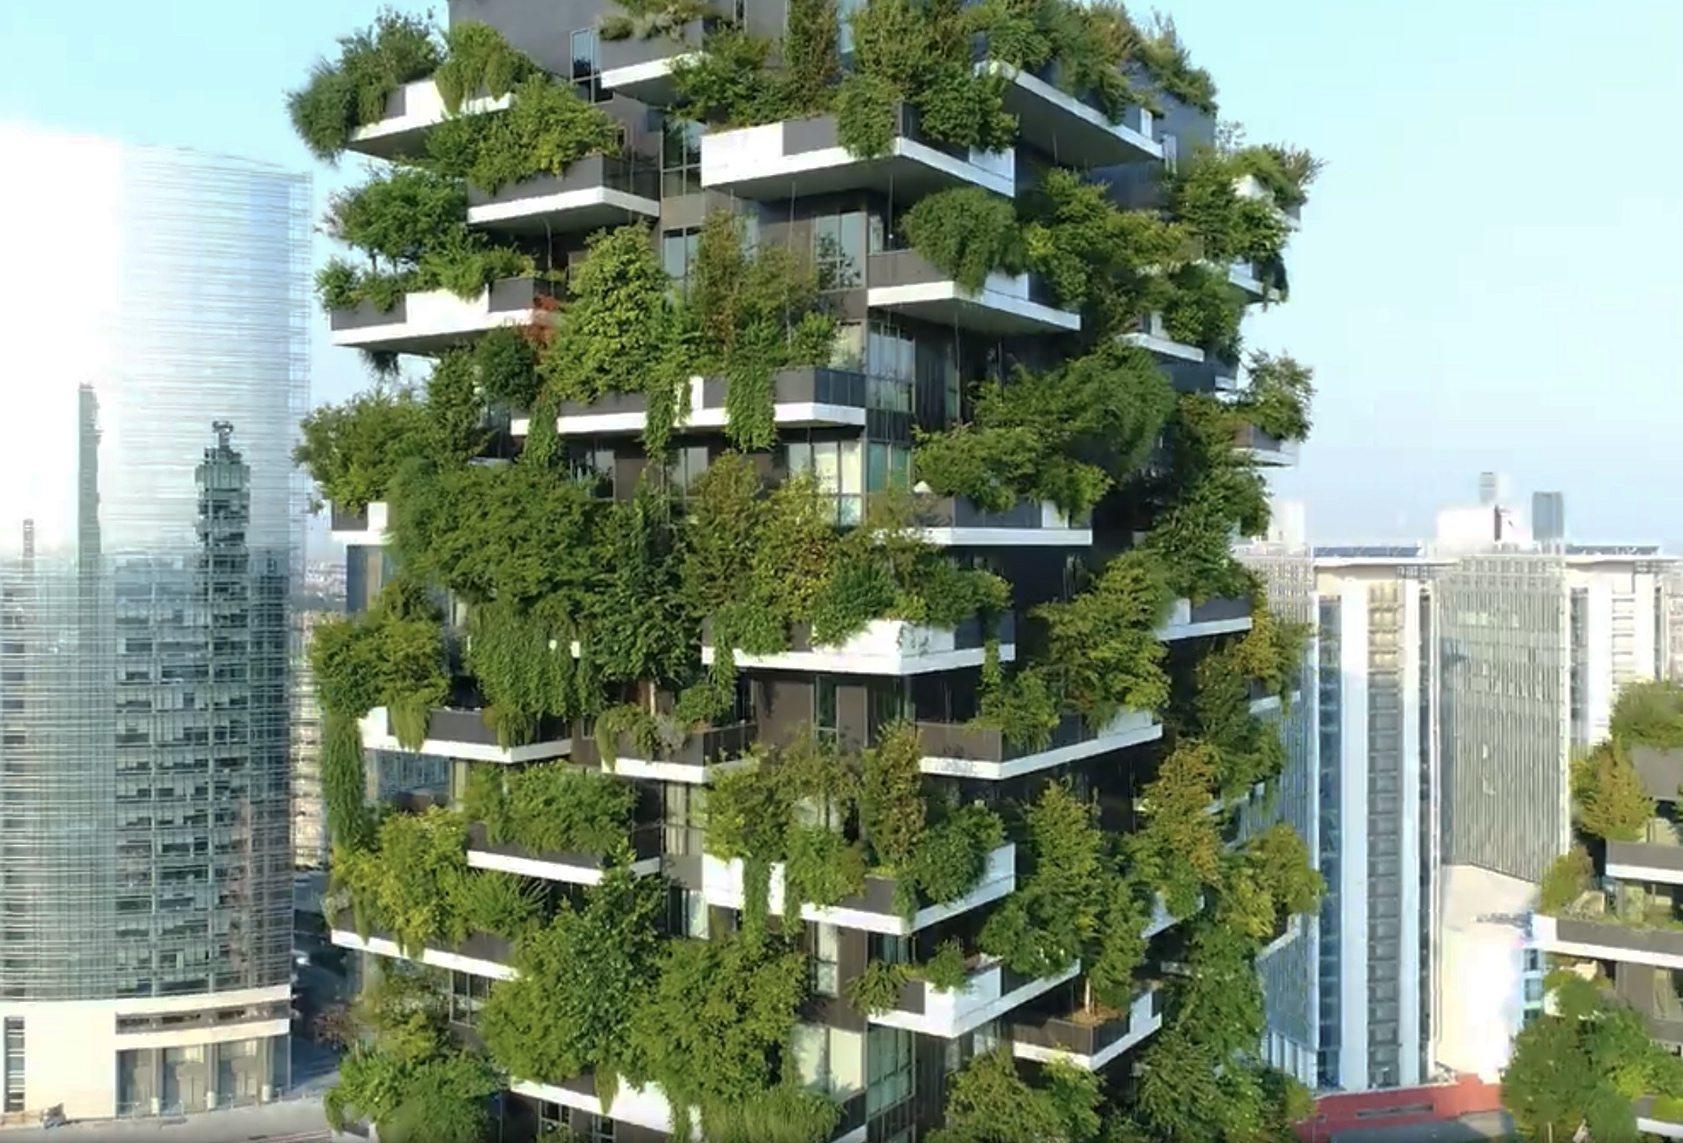 Bosco verticale stefano boeri architetti for Bosco verticale architetto